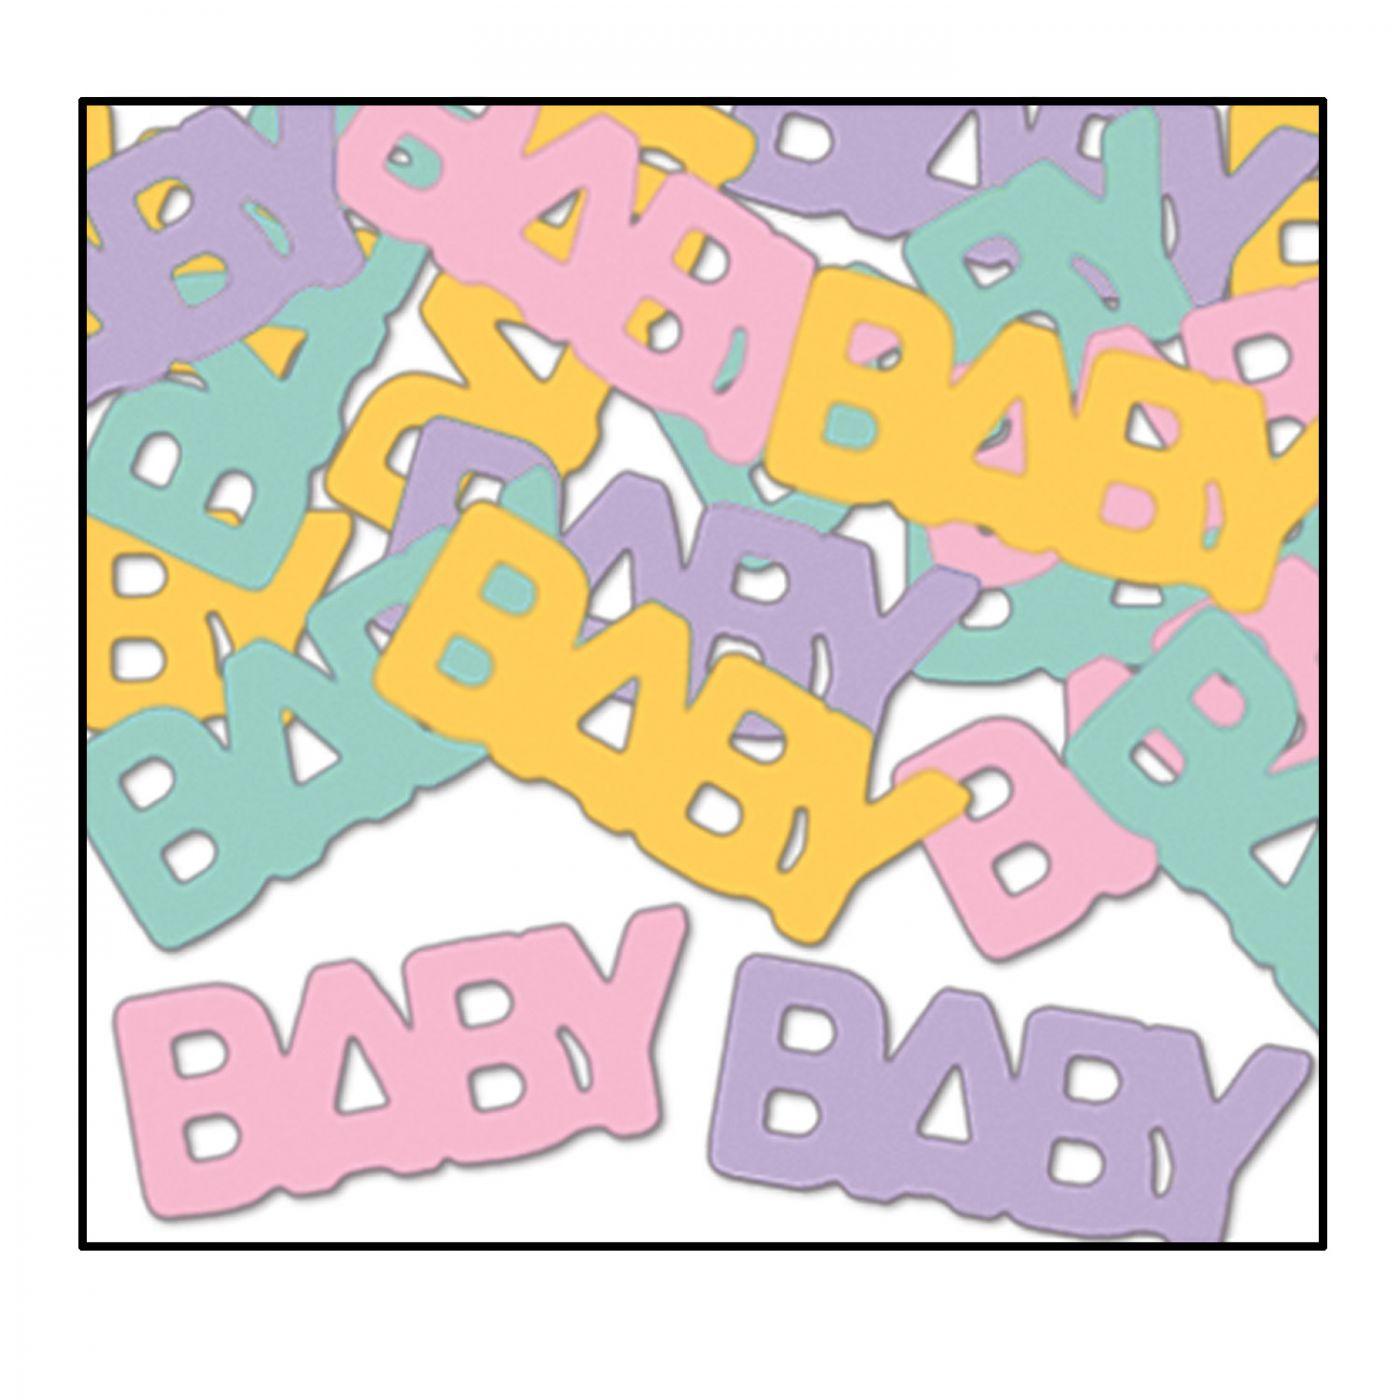 Baby Fanci-Fetti image